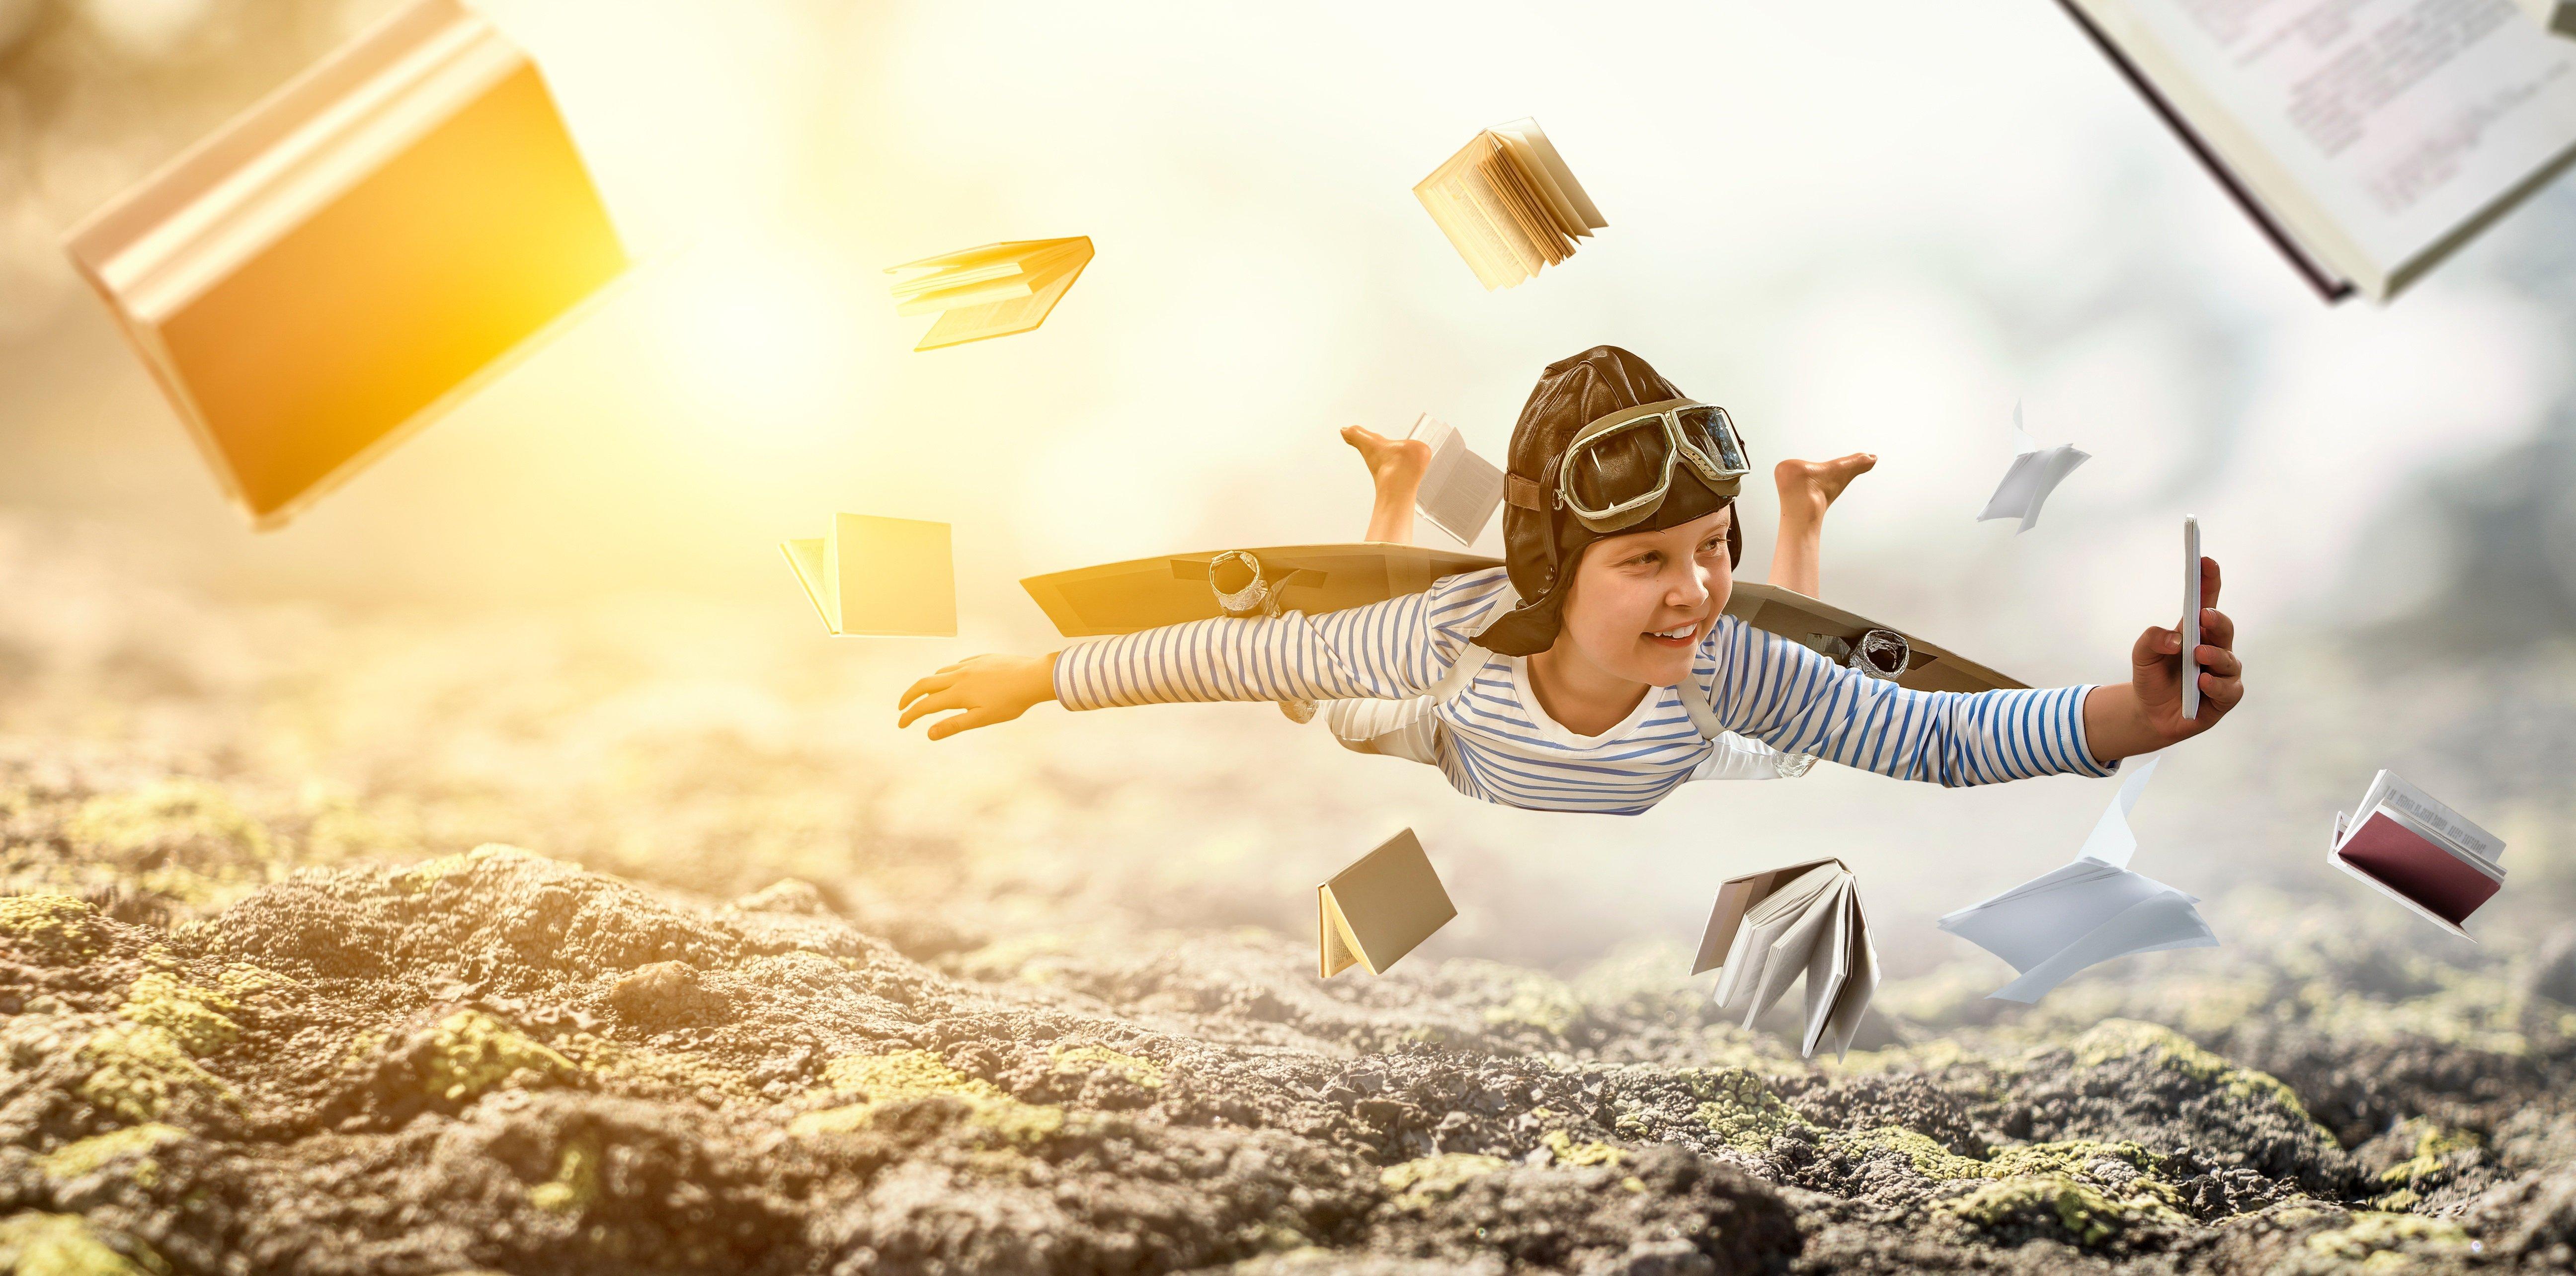 Машина на времето - за разпечатване - стр. 1 и 2